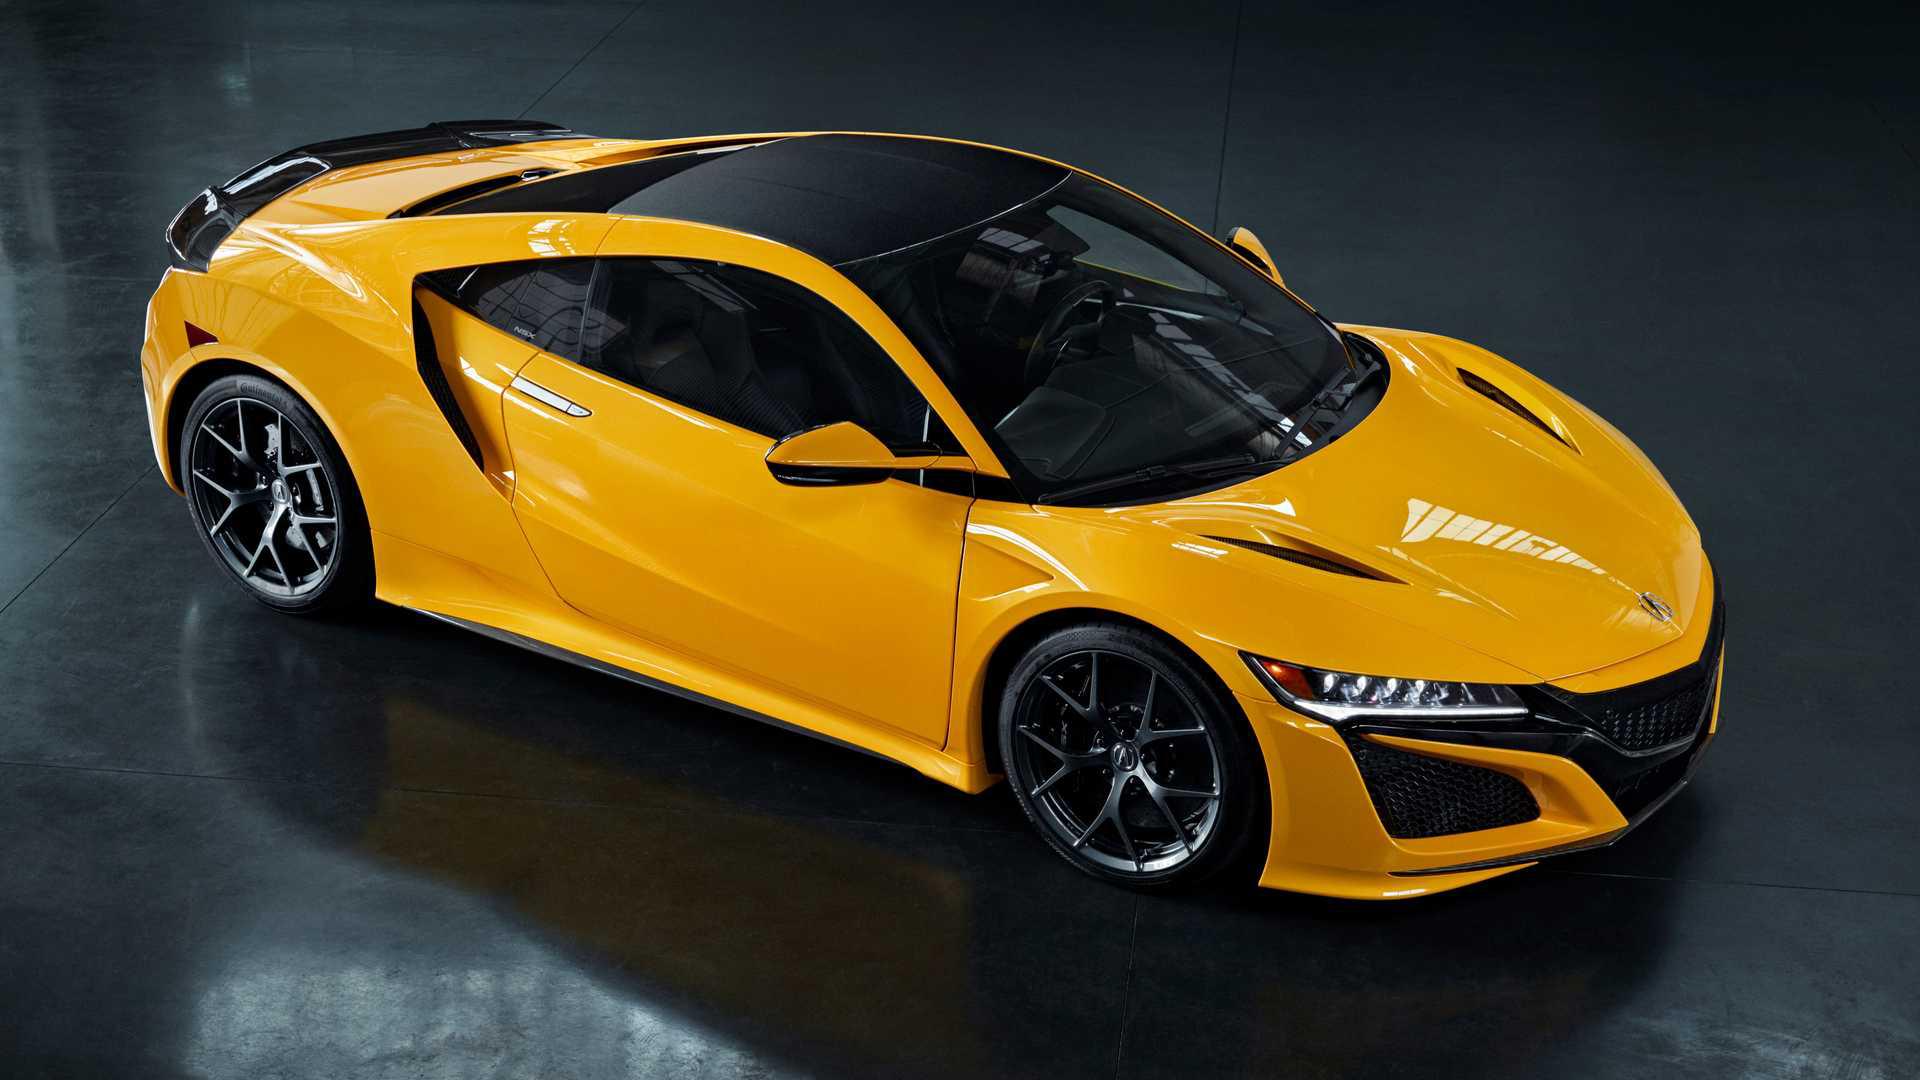 Acura ra mắt màu mới dành cho mẫu xe thể thao hybrid NSX - Hình 1